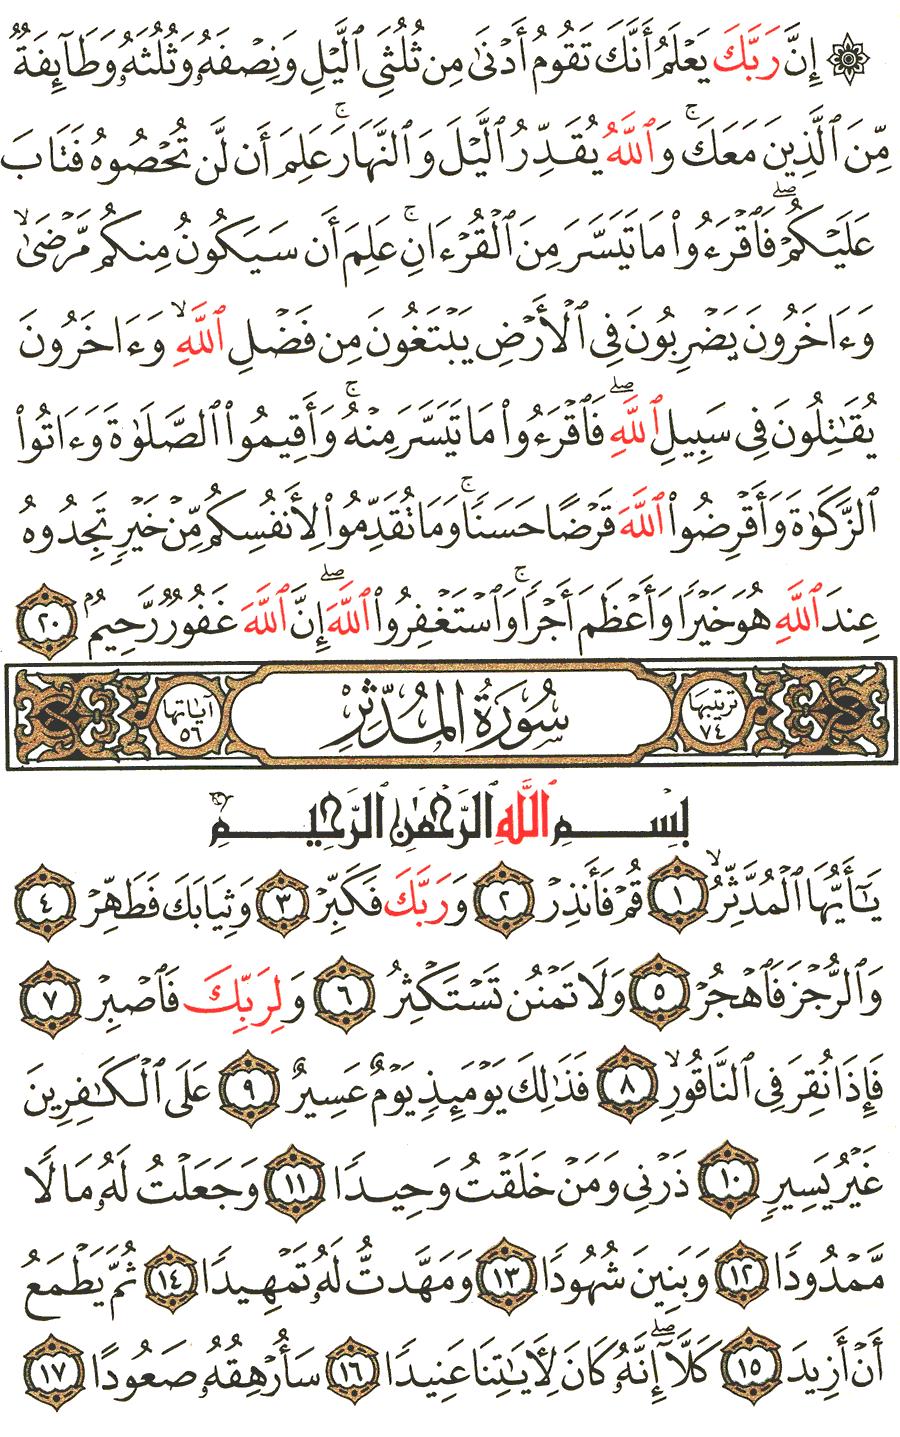 الصفحة رقم 575 من القرآن الكريم مكتوبة من المصحف